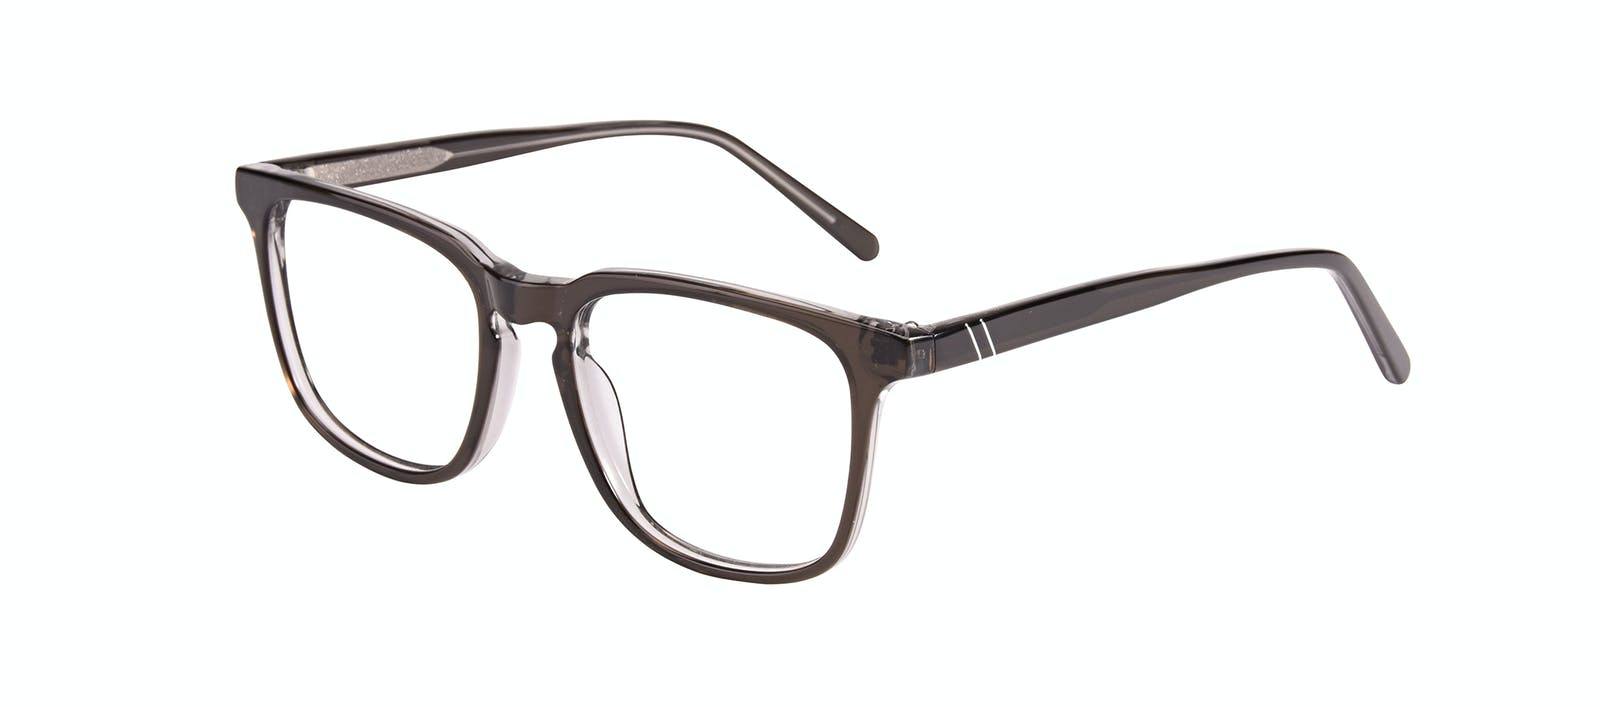 e1a821148d0c Affordable Fashion Glasses Rectangle Square Eyeglasses Men Peak Black Ice  Tilt